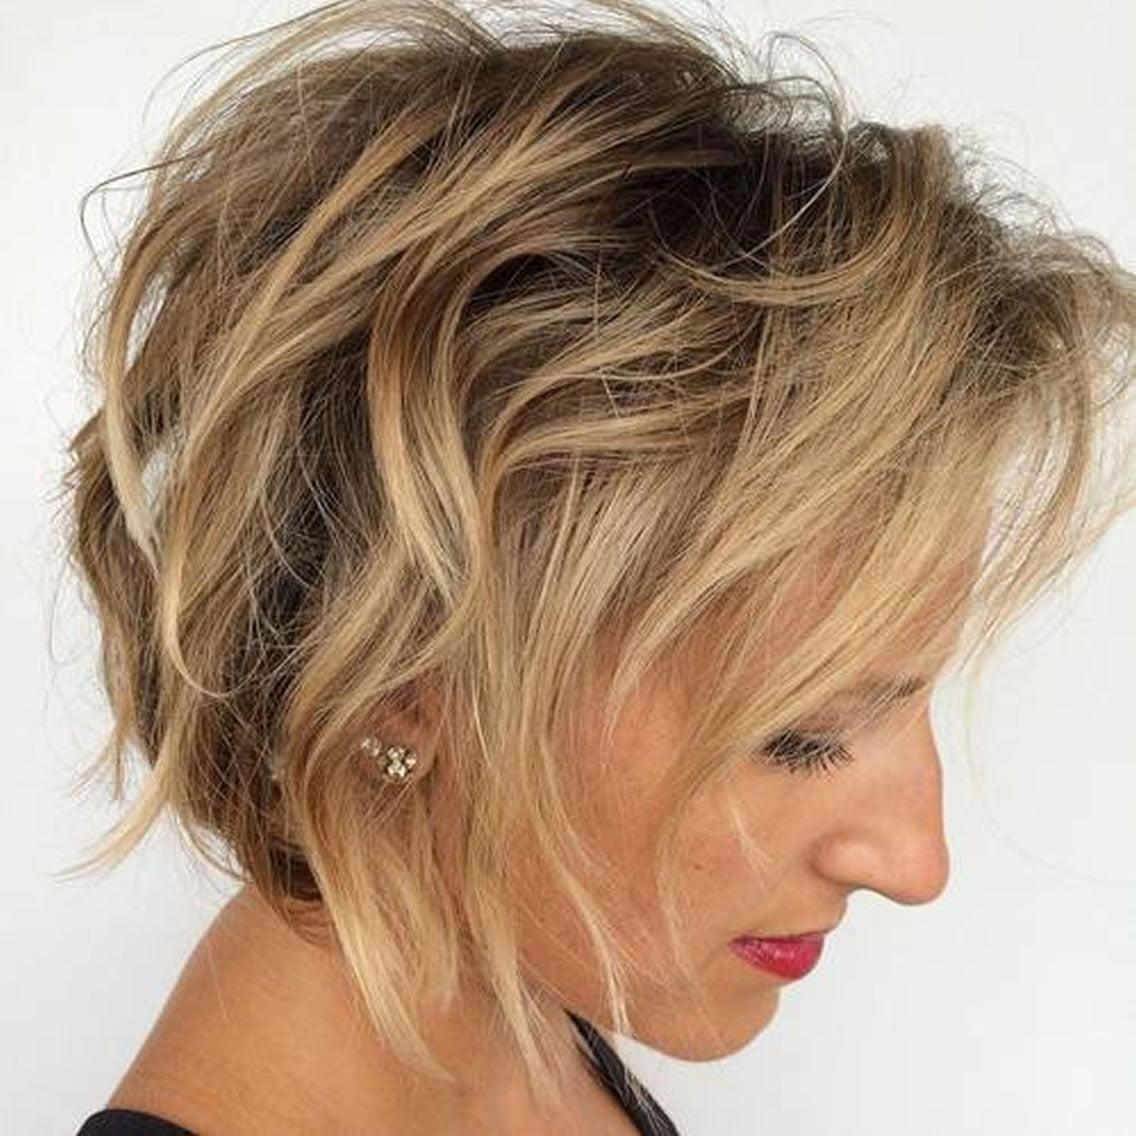 2019 Short Hairstyles & Haircuts for Thin Hair – Hair ...